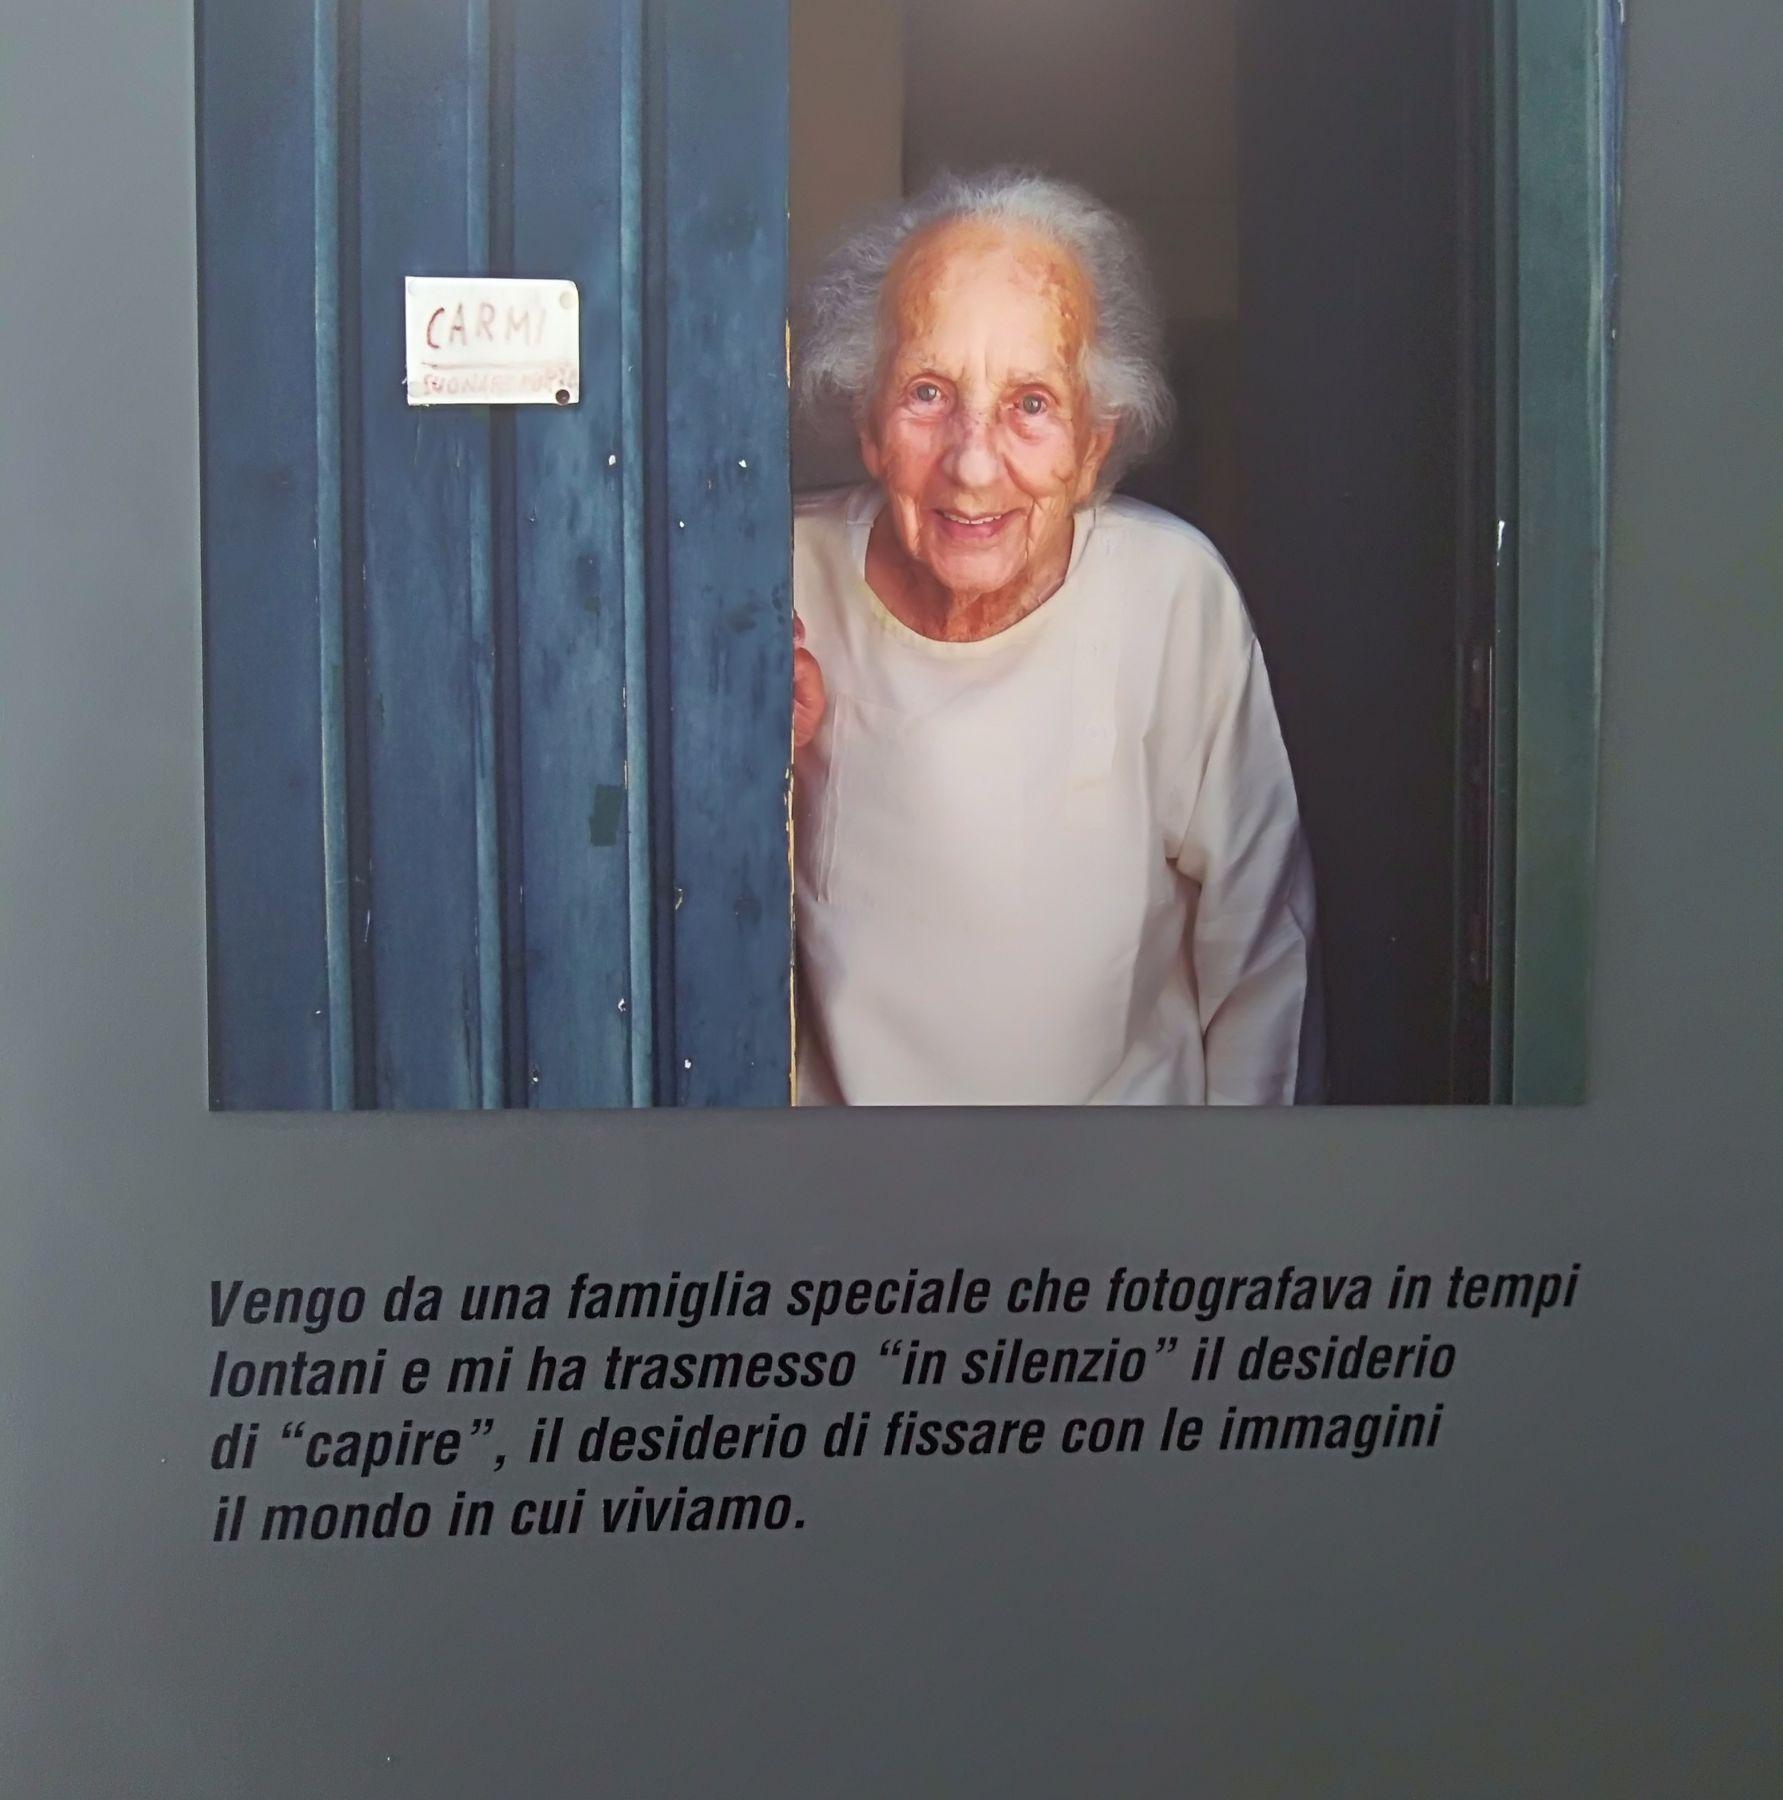 lisetta-carmi-fotografa